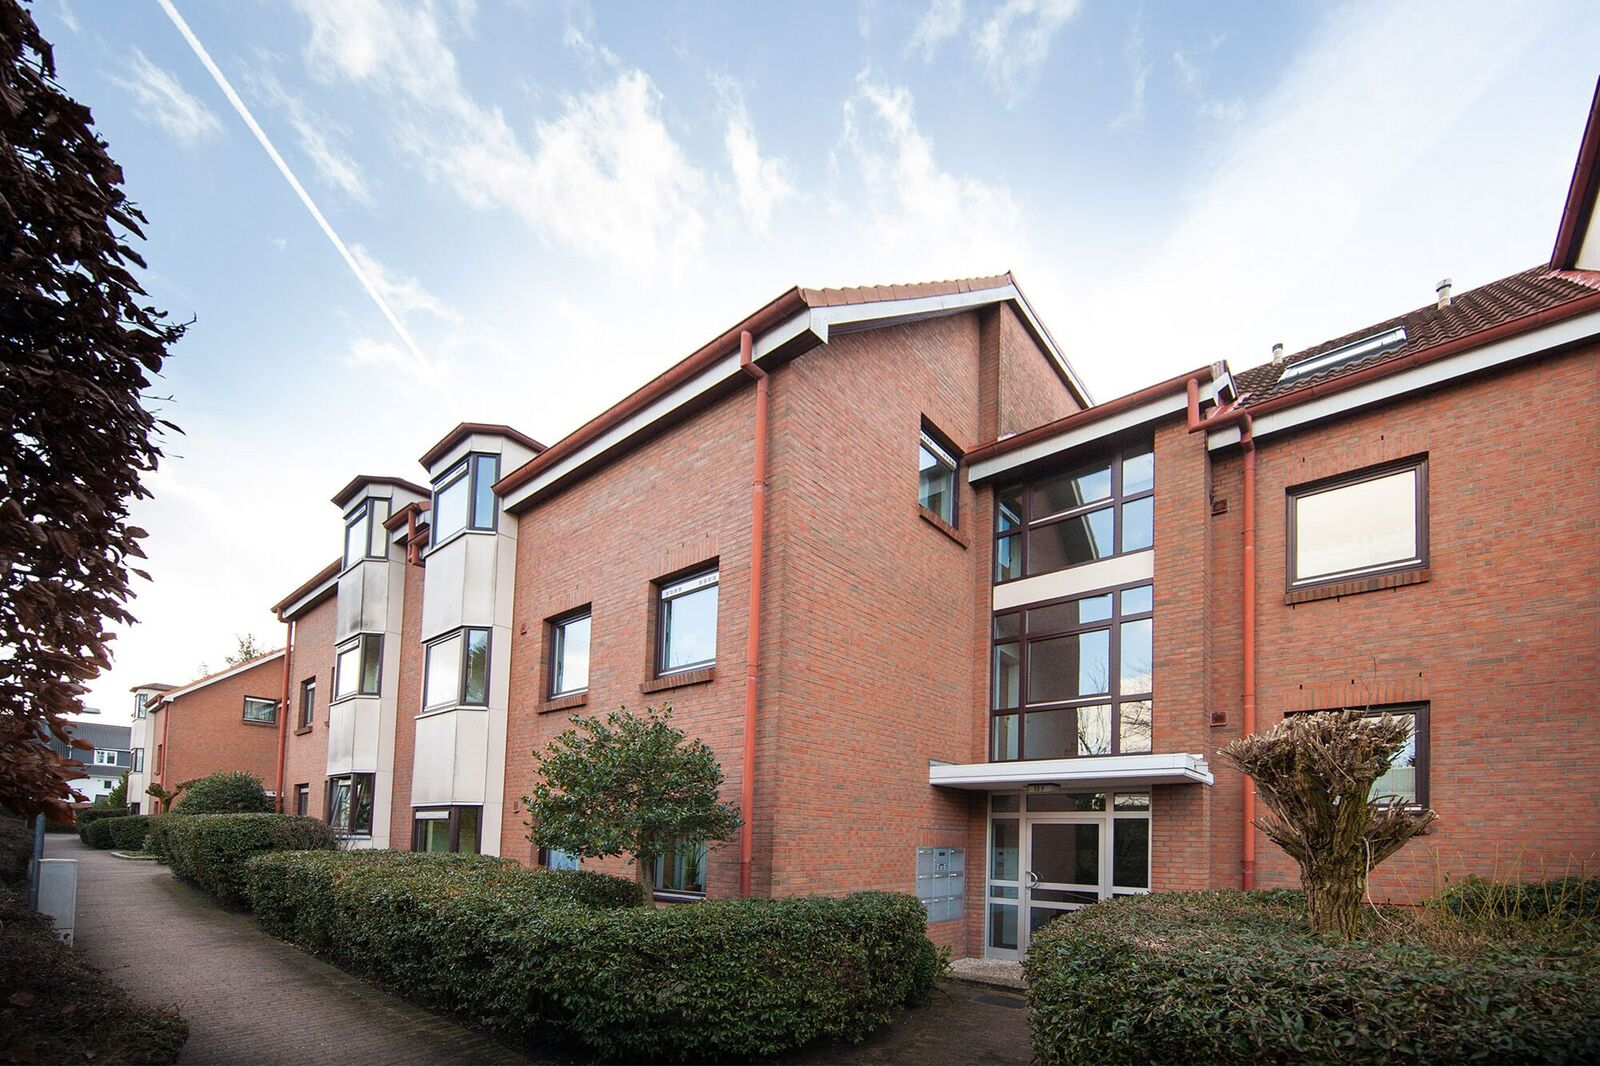 Schenefeld – Mitte: 2 ½ Zimmer – Luxus – Wohnung  mit Balkon und Einzelgarage